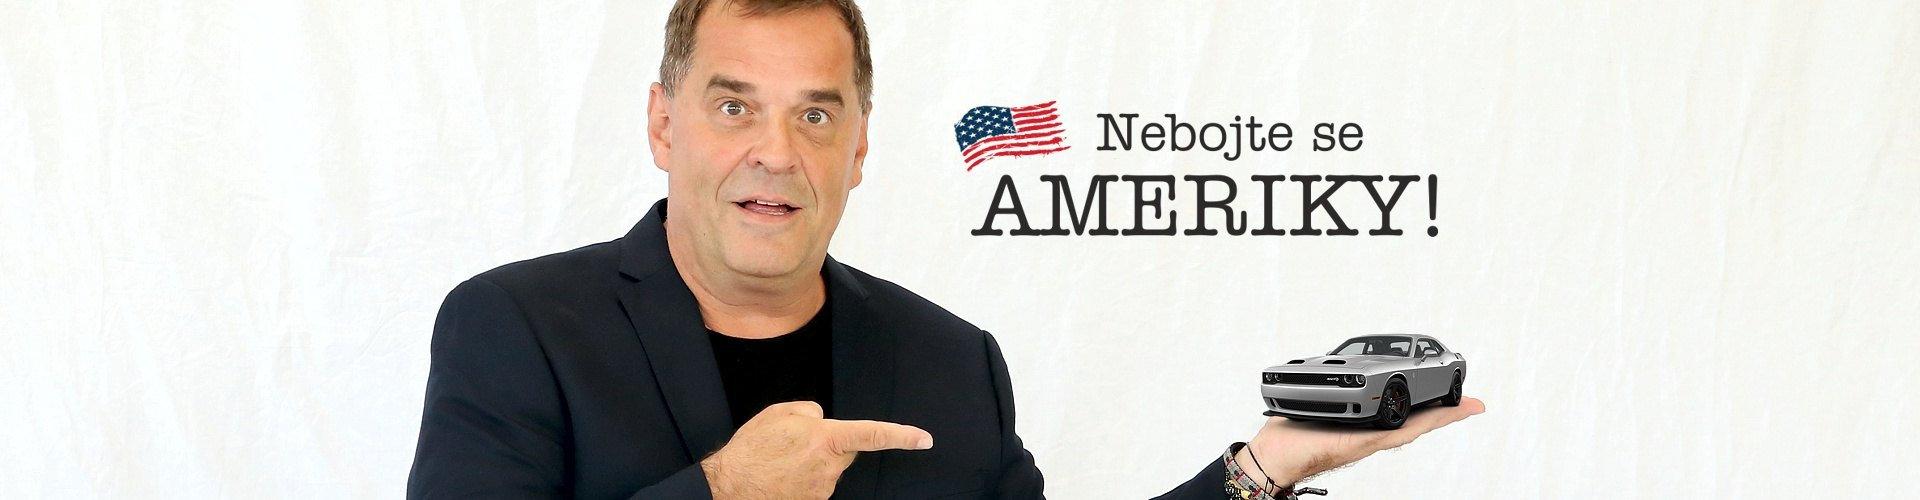 tucar-banner-etzler-nebojte-se-ameriky-1